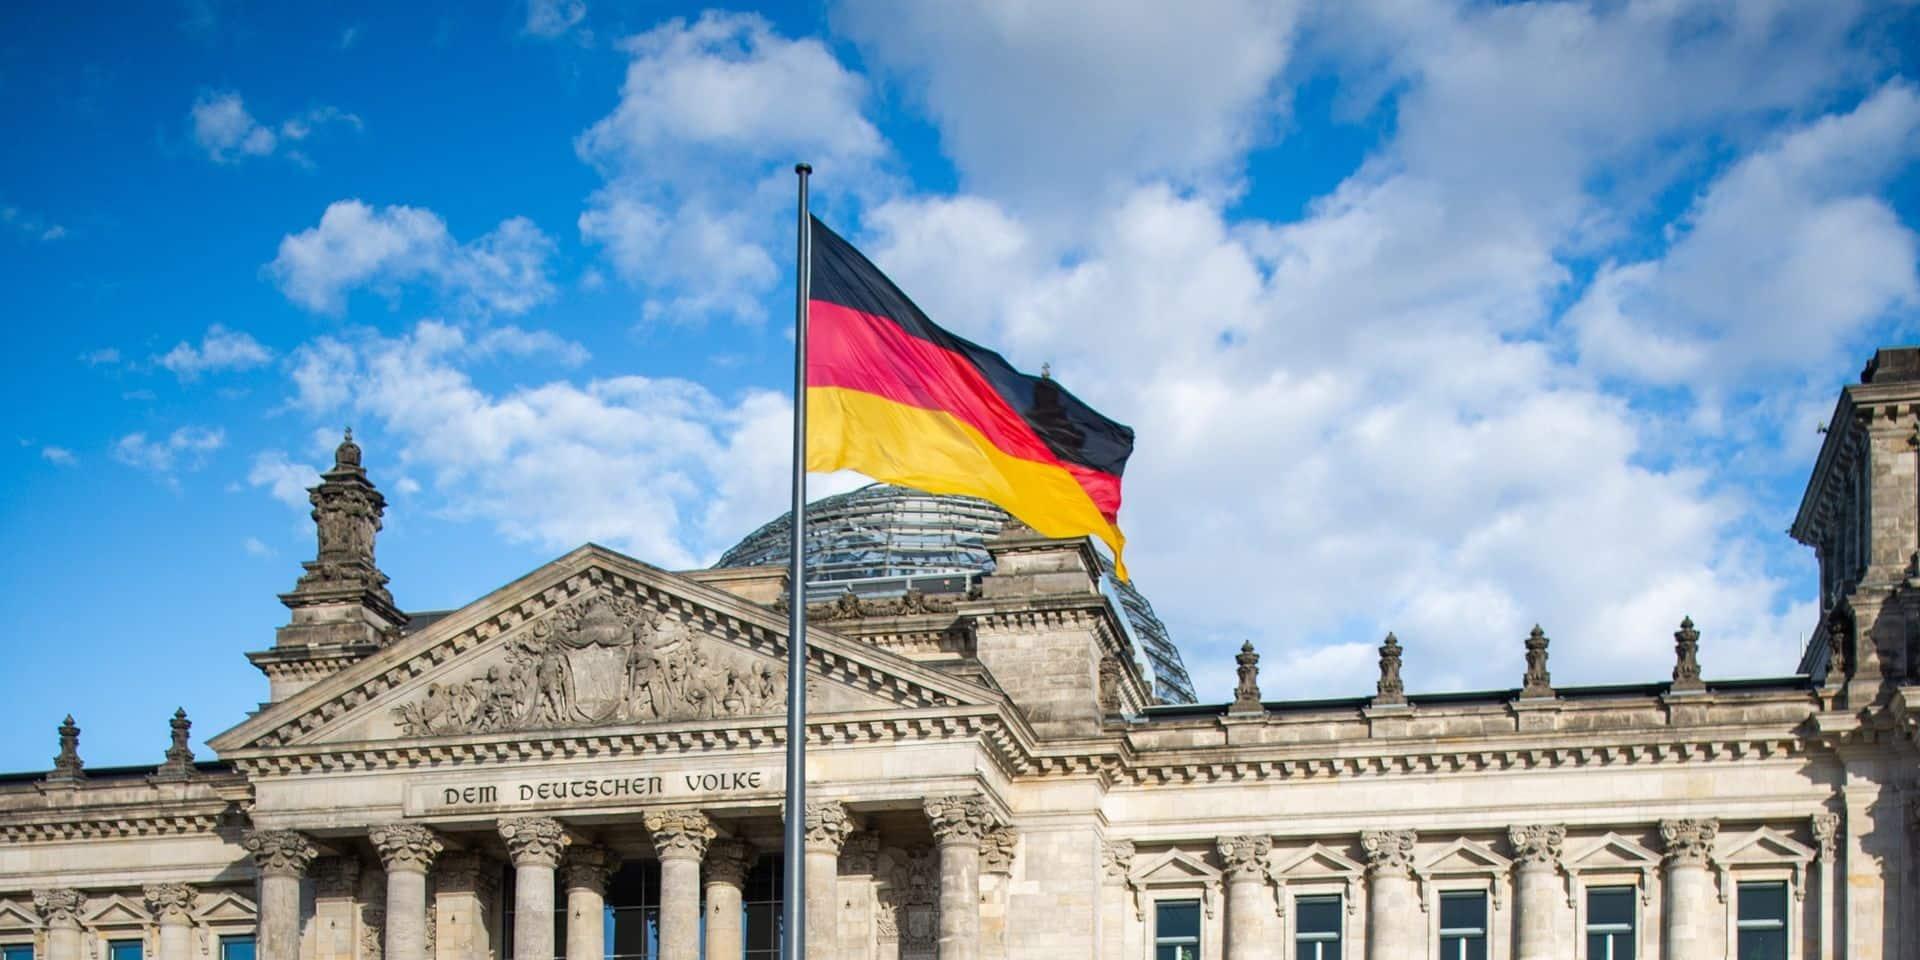 Frappée par le virus, l'économie allemande fait un plongeon historique